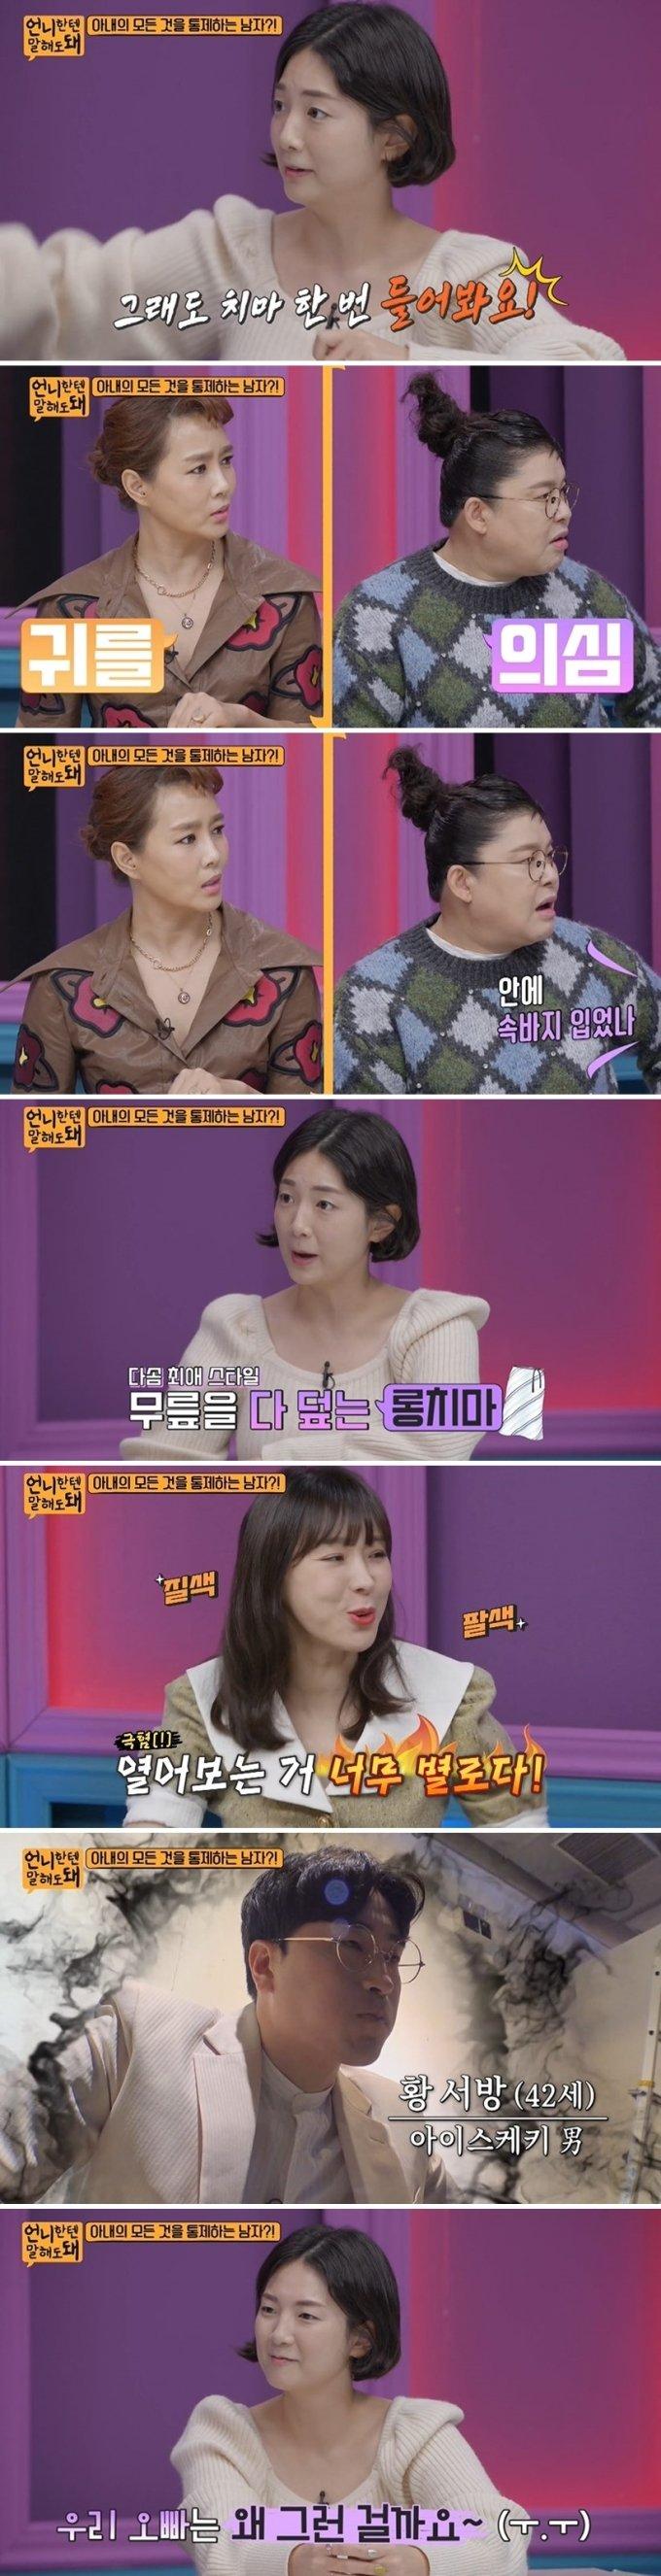 """황영진 아내 김다솜 """"남편이 치마 입으면 들춰본다""""…소름돋는 집착 폭로"""